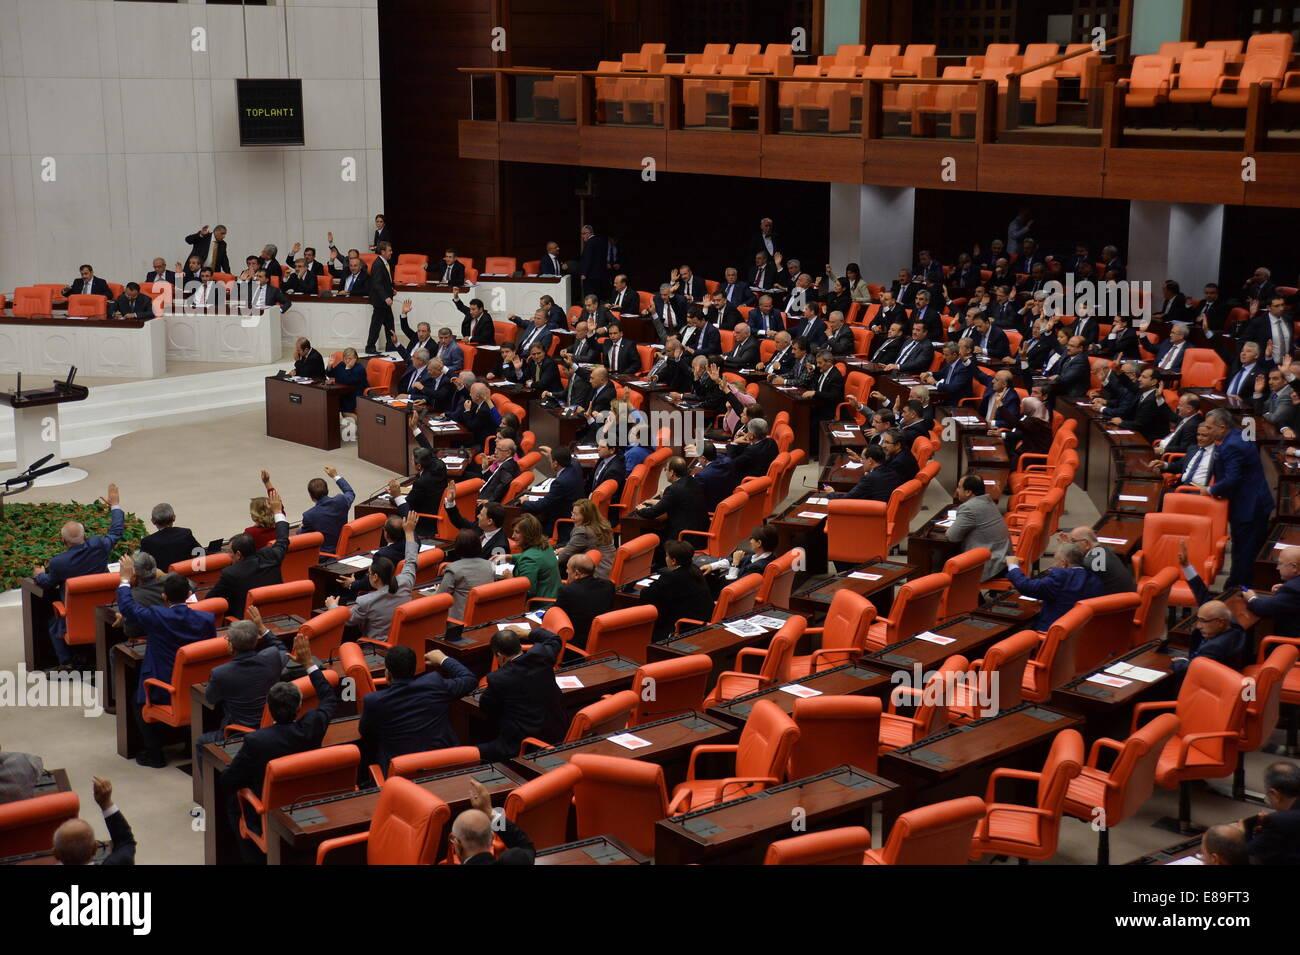 Ankara, Turkey. 2nd Oct, 2014. Turkey's lawmakers attend a meeting at the Turkish parliament in Ankara, Turkey, - Stock Image